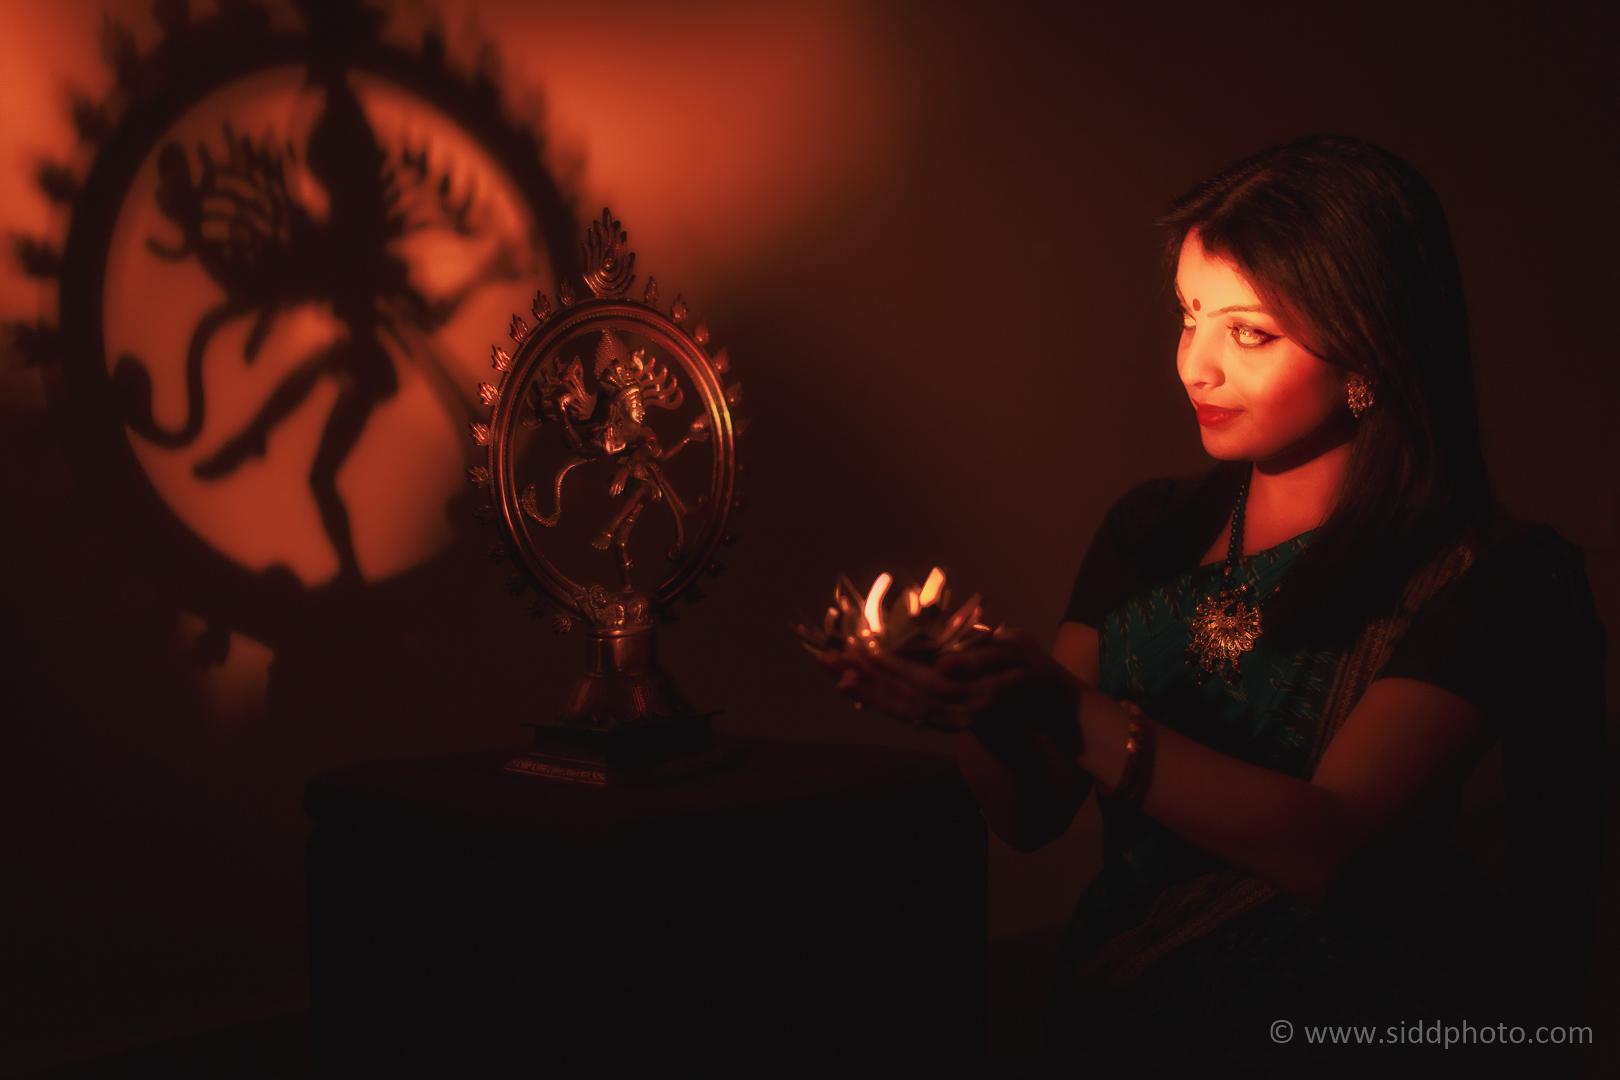 2012-09-28 - Anwesha's Photoshoot - _O5C8578-01